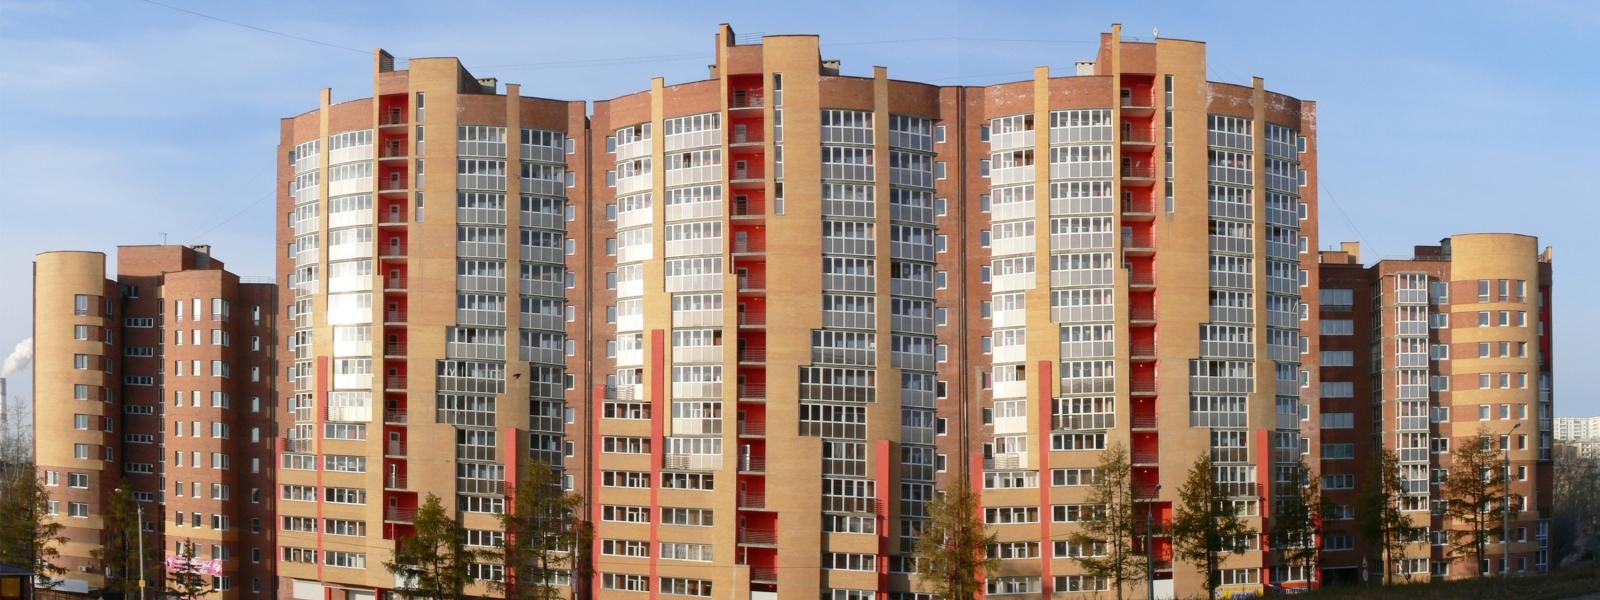 work-Жилой комплекс социального типа в Иркутске